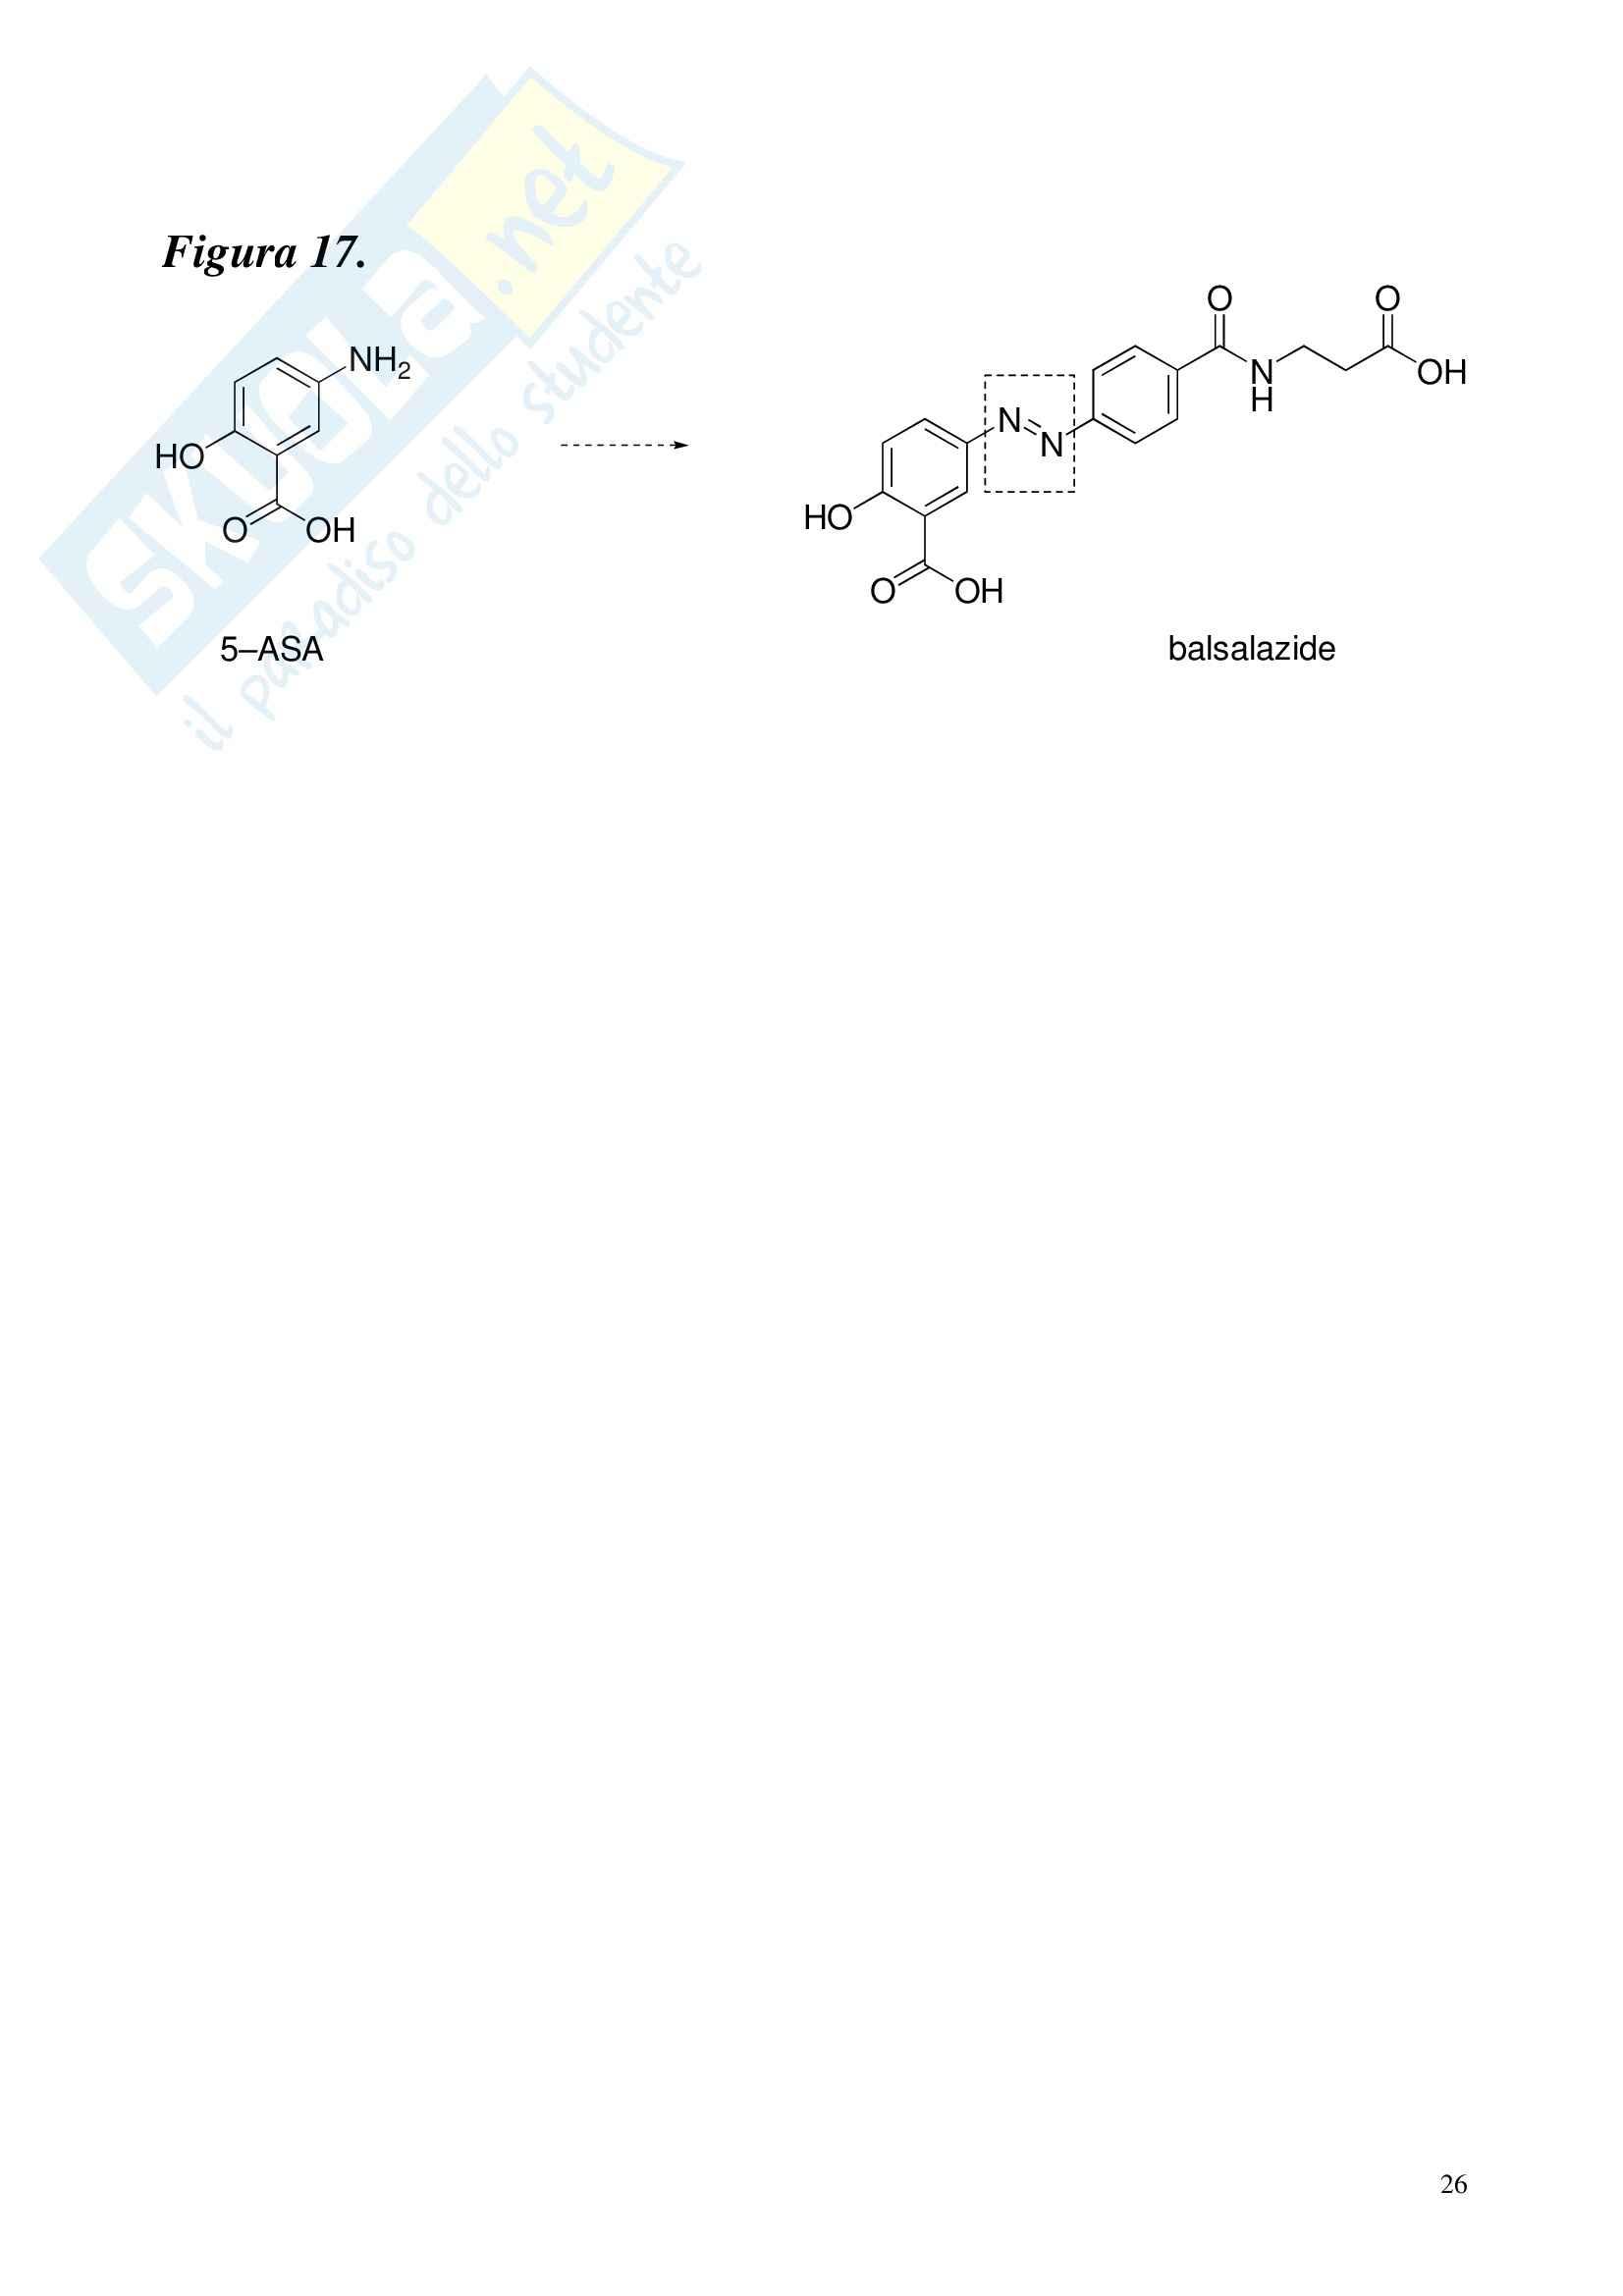 Chimica farmaceutica - i profarmaci Pag. 26